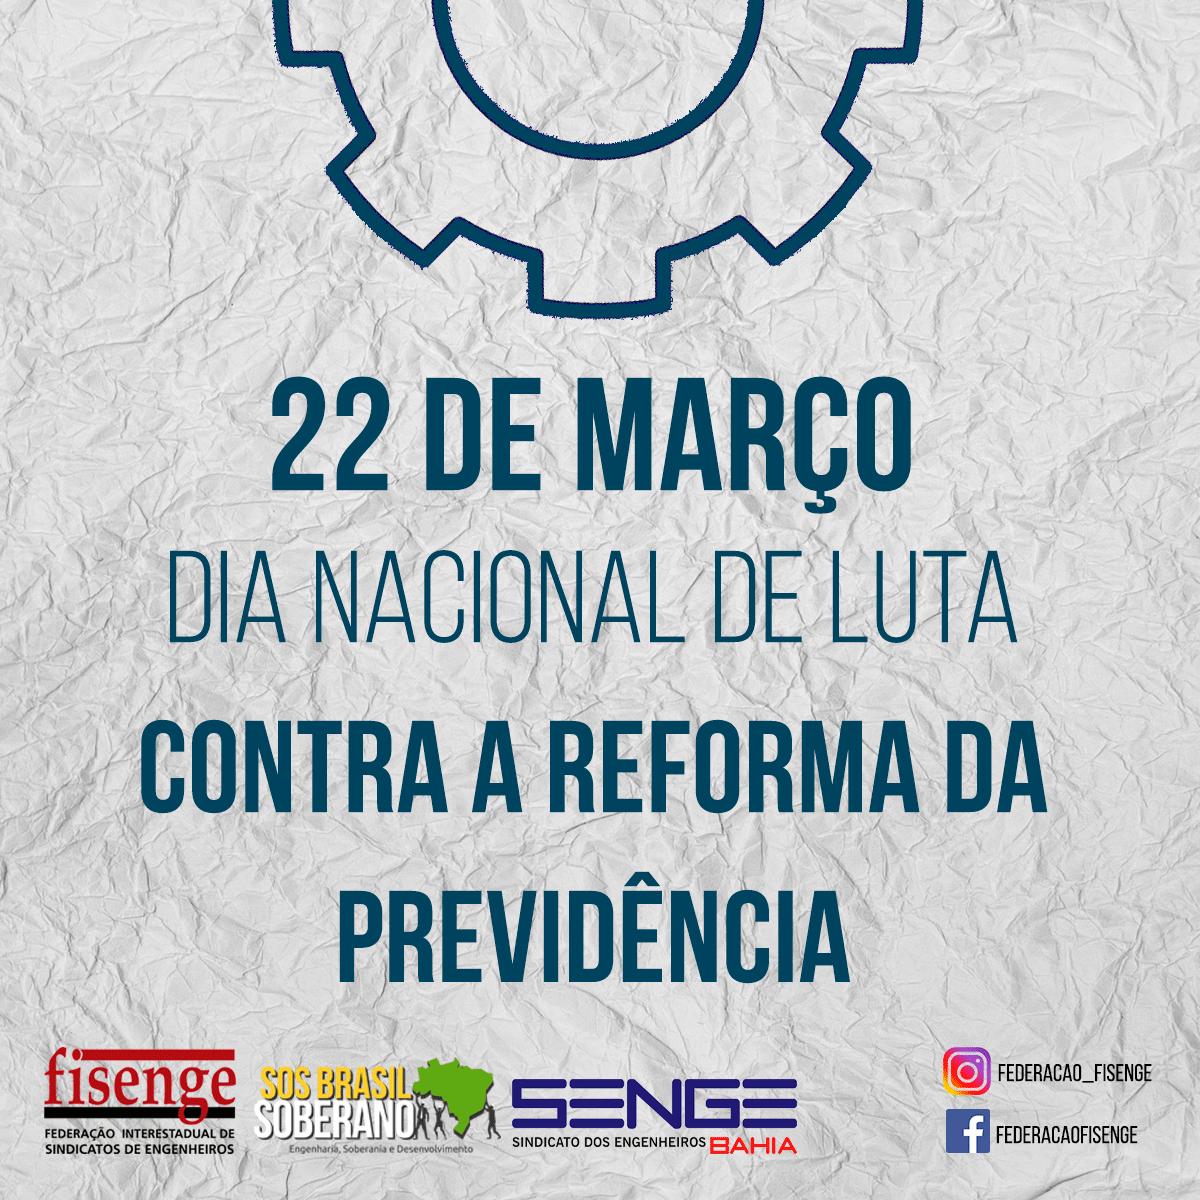 Brasil se mobiliza em atos contra a Reforma da Previdência nesta sexta-feira (22)